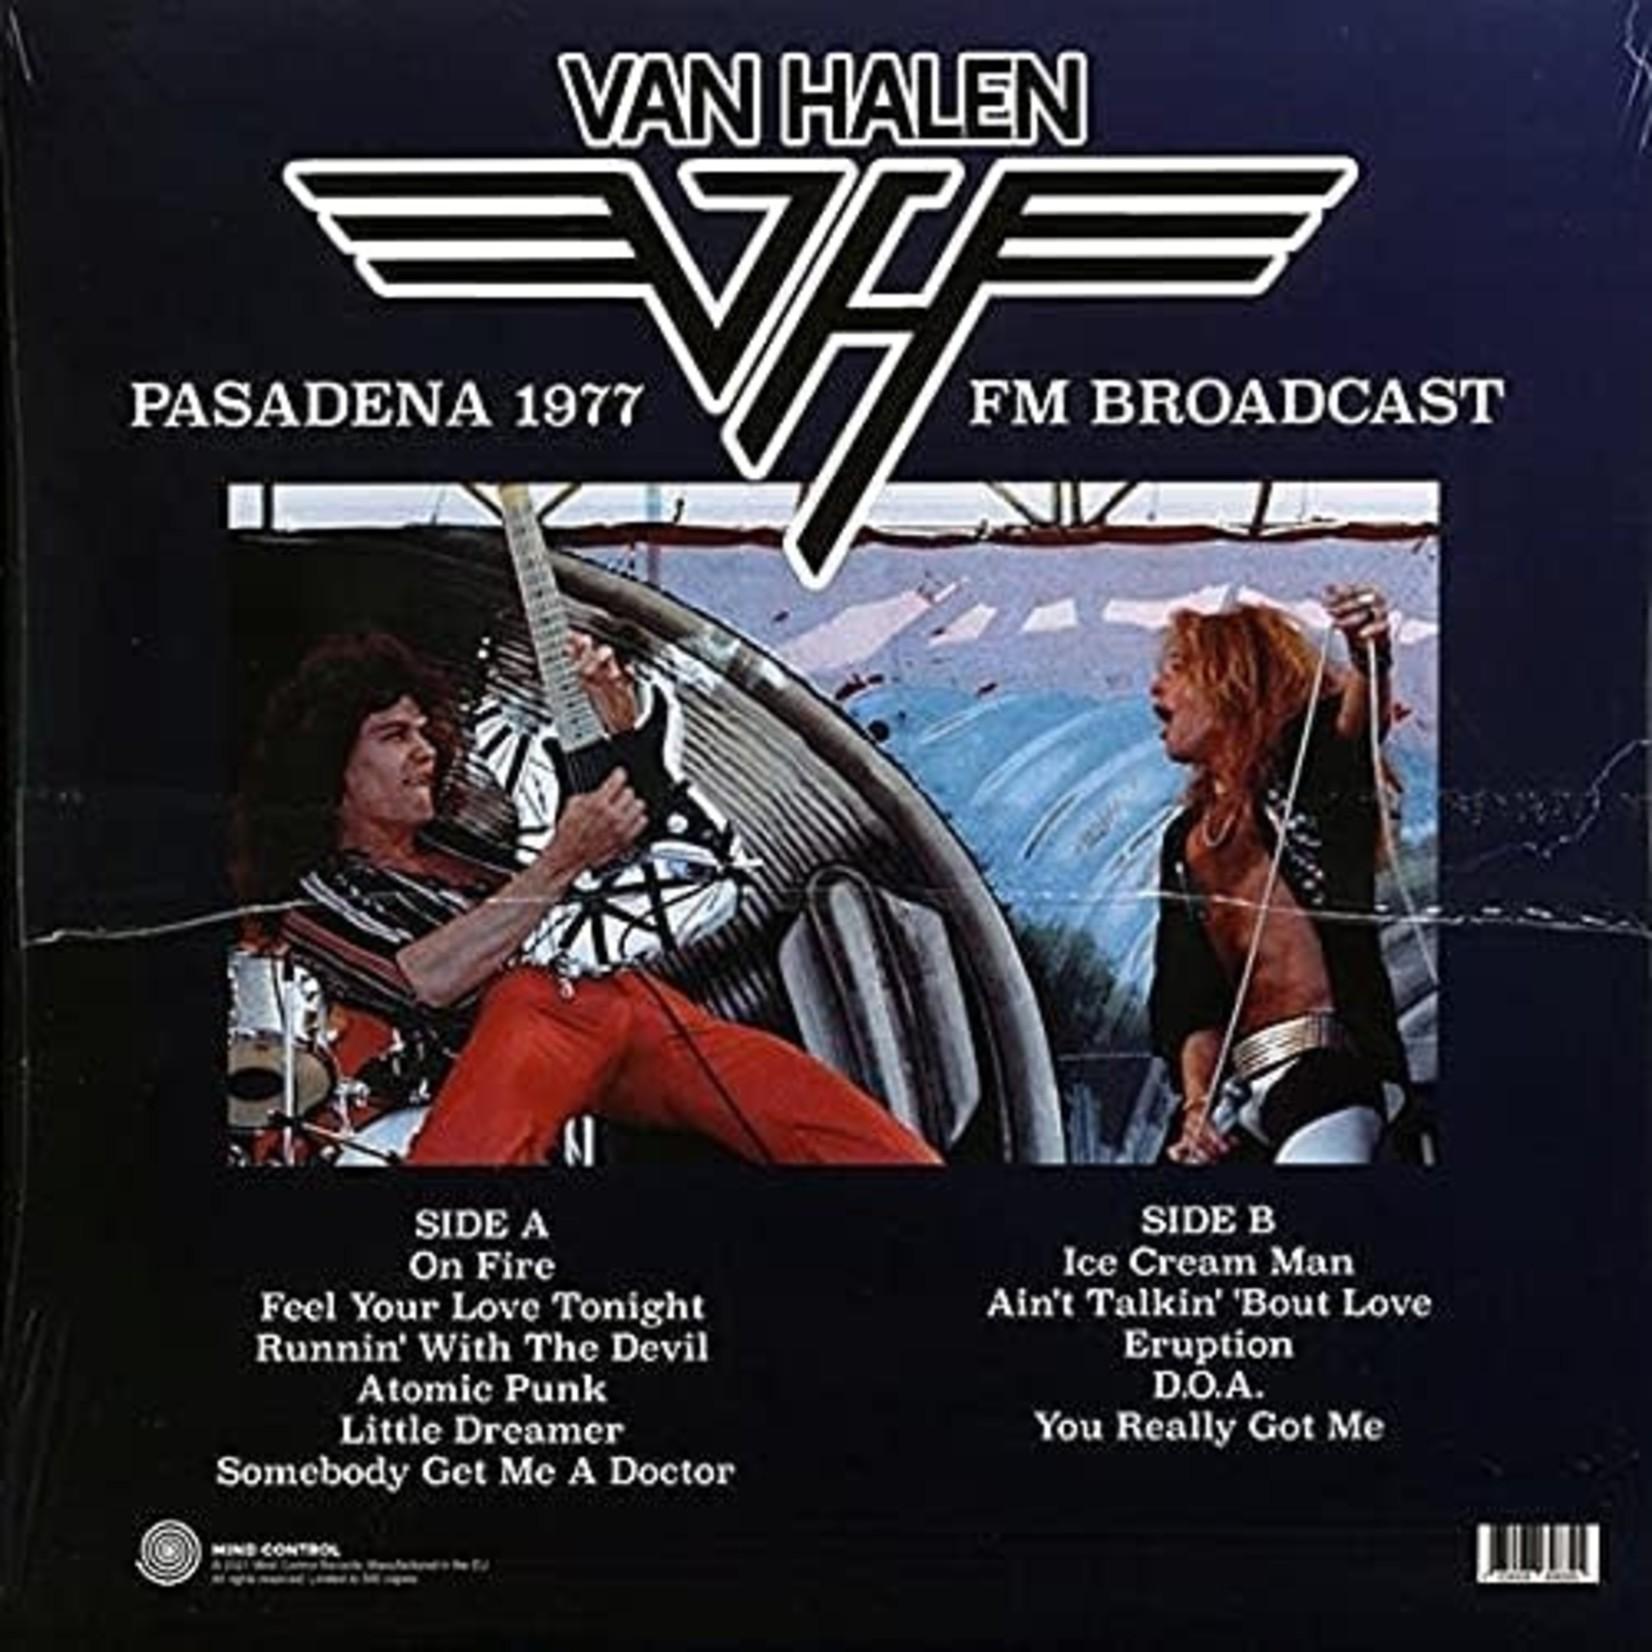 VAN HALEN LIVE IN PASADENA 1977 FM BROADCAST  LP